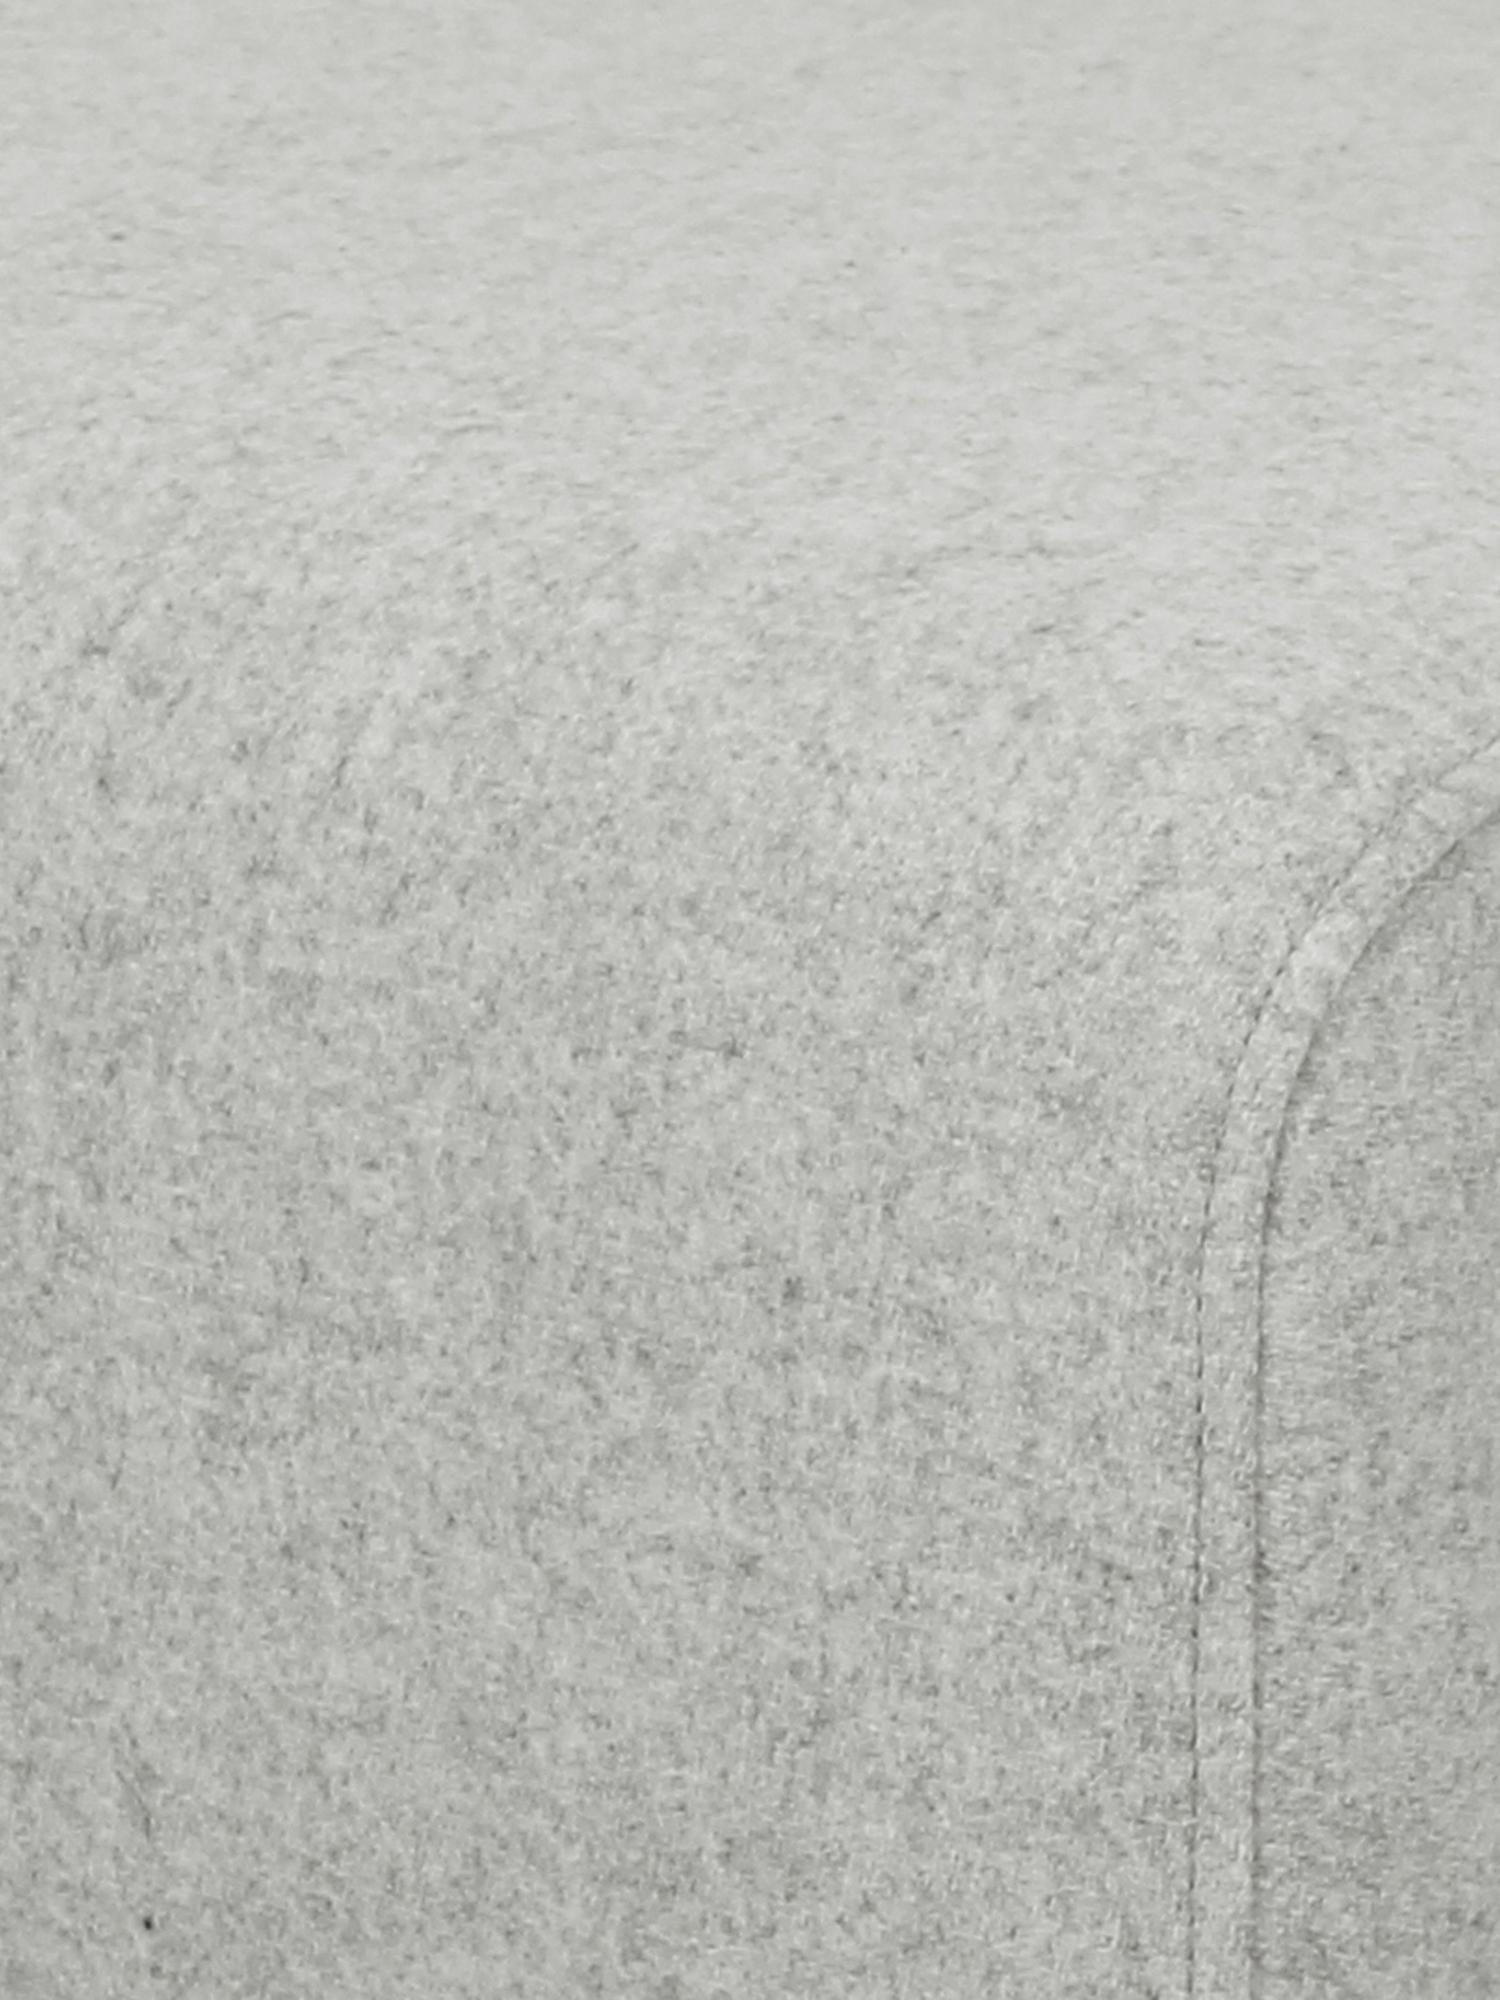 Hocker Archie mit Wollbezug, Bezug: 100% Wolle 30.000 Scheuer, Gestell: Kiefernholz, Füße: Massives Eichenholz, geöl, Webstoff Hellgrau, 87 x 45 cm